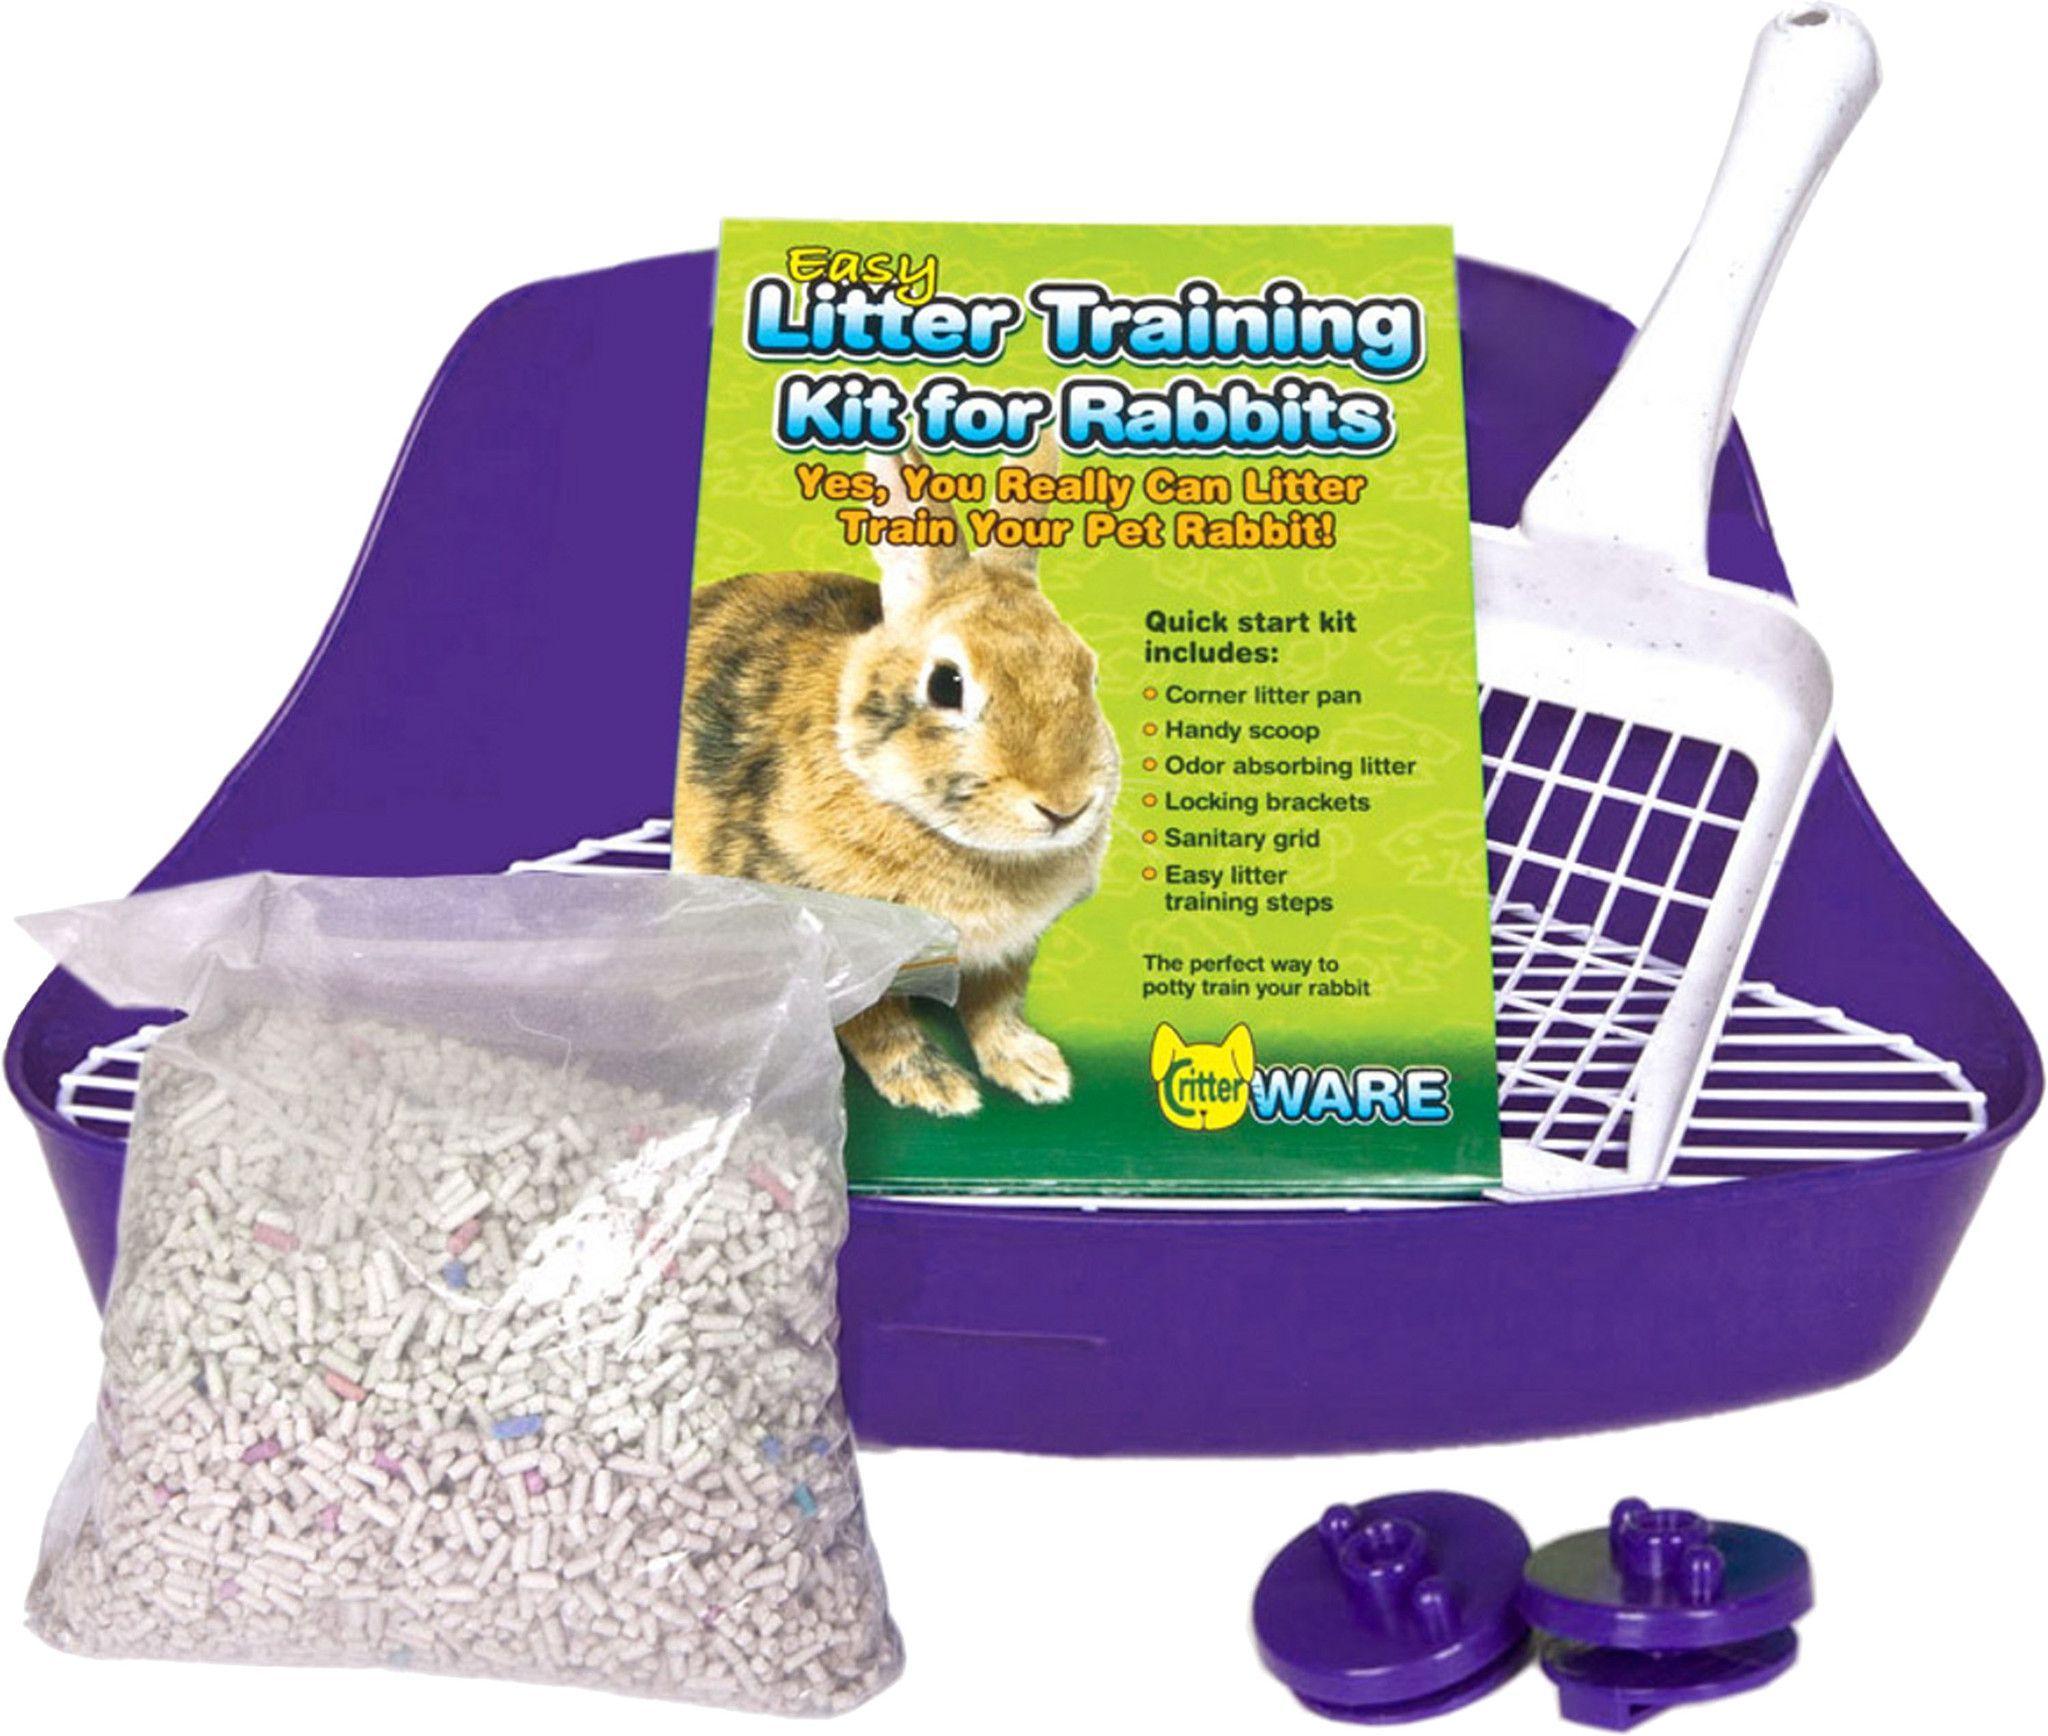 Litter training kit for rabbits litter training